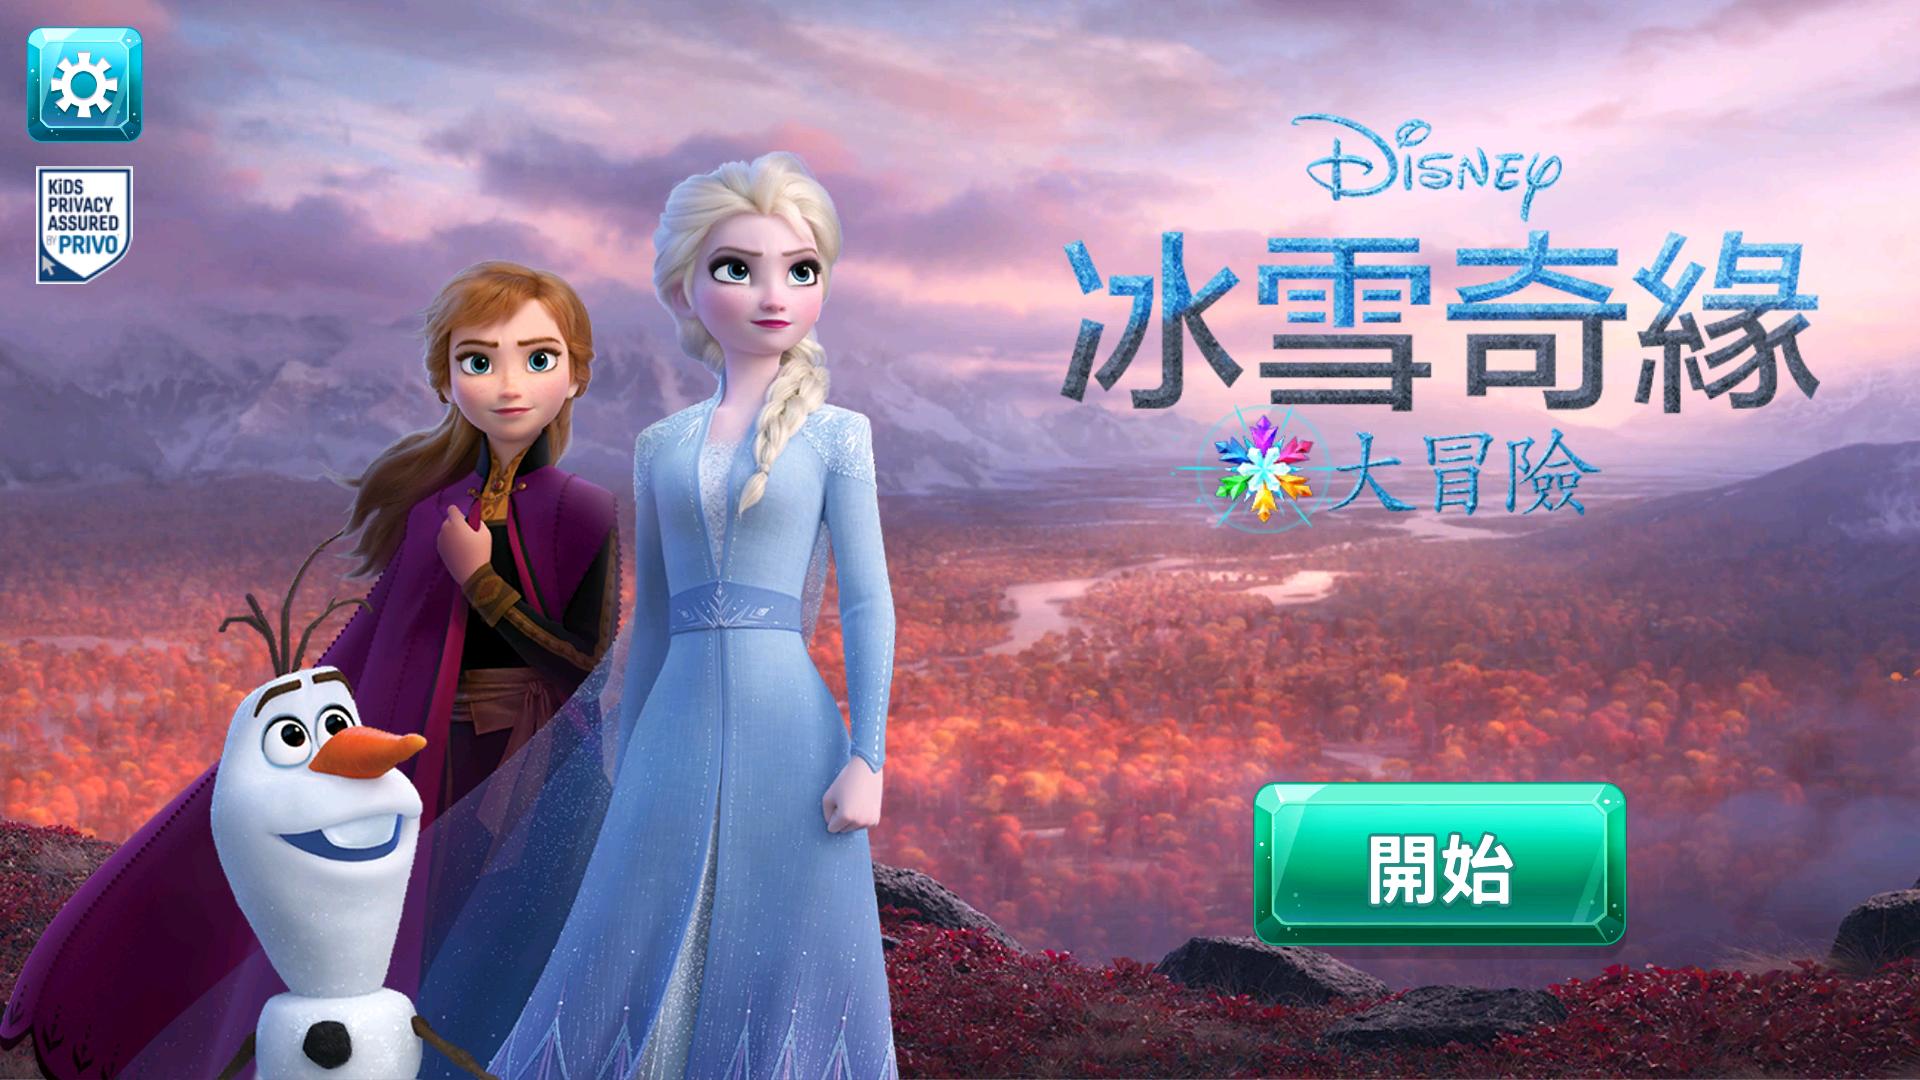 【冰雪奇緣2】電影來勢洶洶 當然少不了遊戲搭順風車